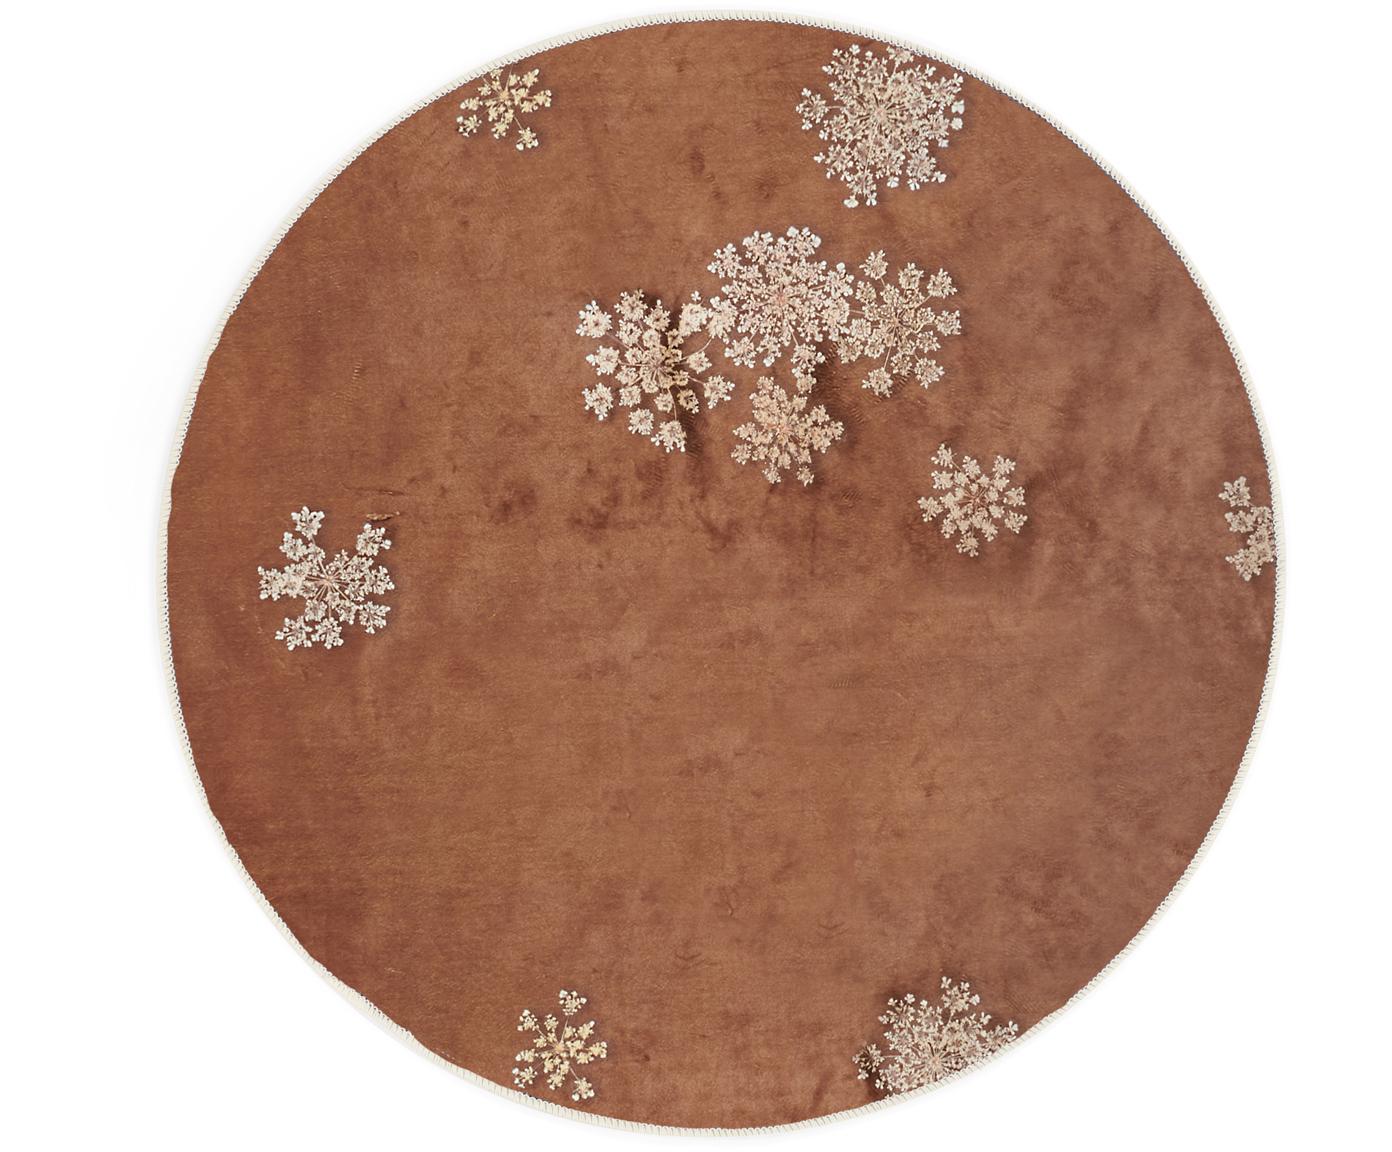 Rond vloerkleed Lauren met bloemenprint, 60% polyester, 30% thermoplastisch polyurethaan, 10% katoen, Bruin, beige, Ø 90 cm (maat XS)